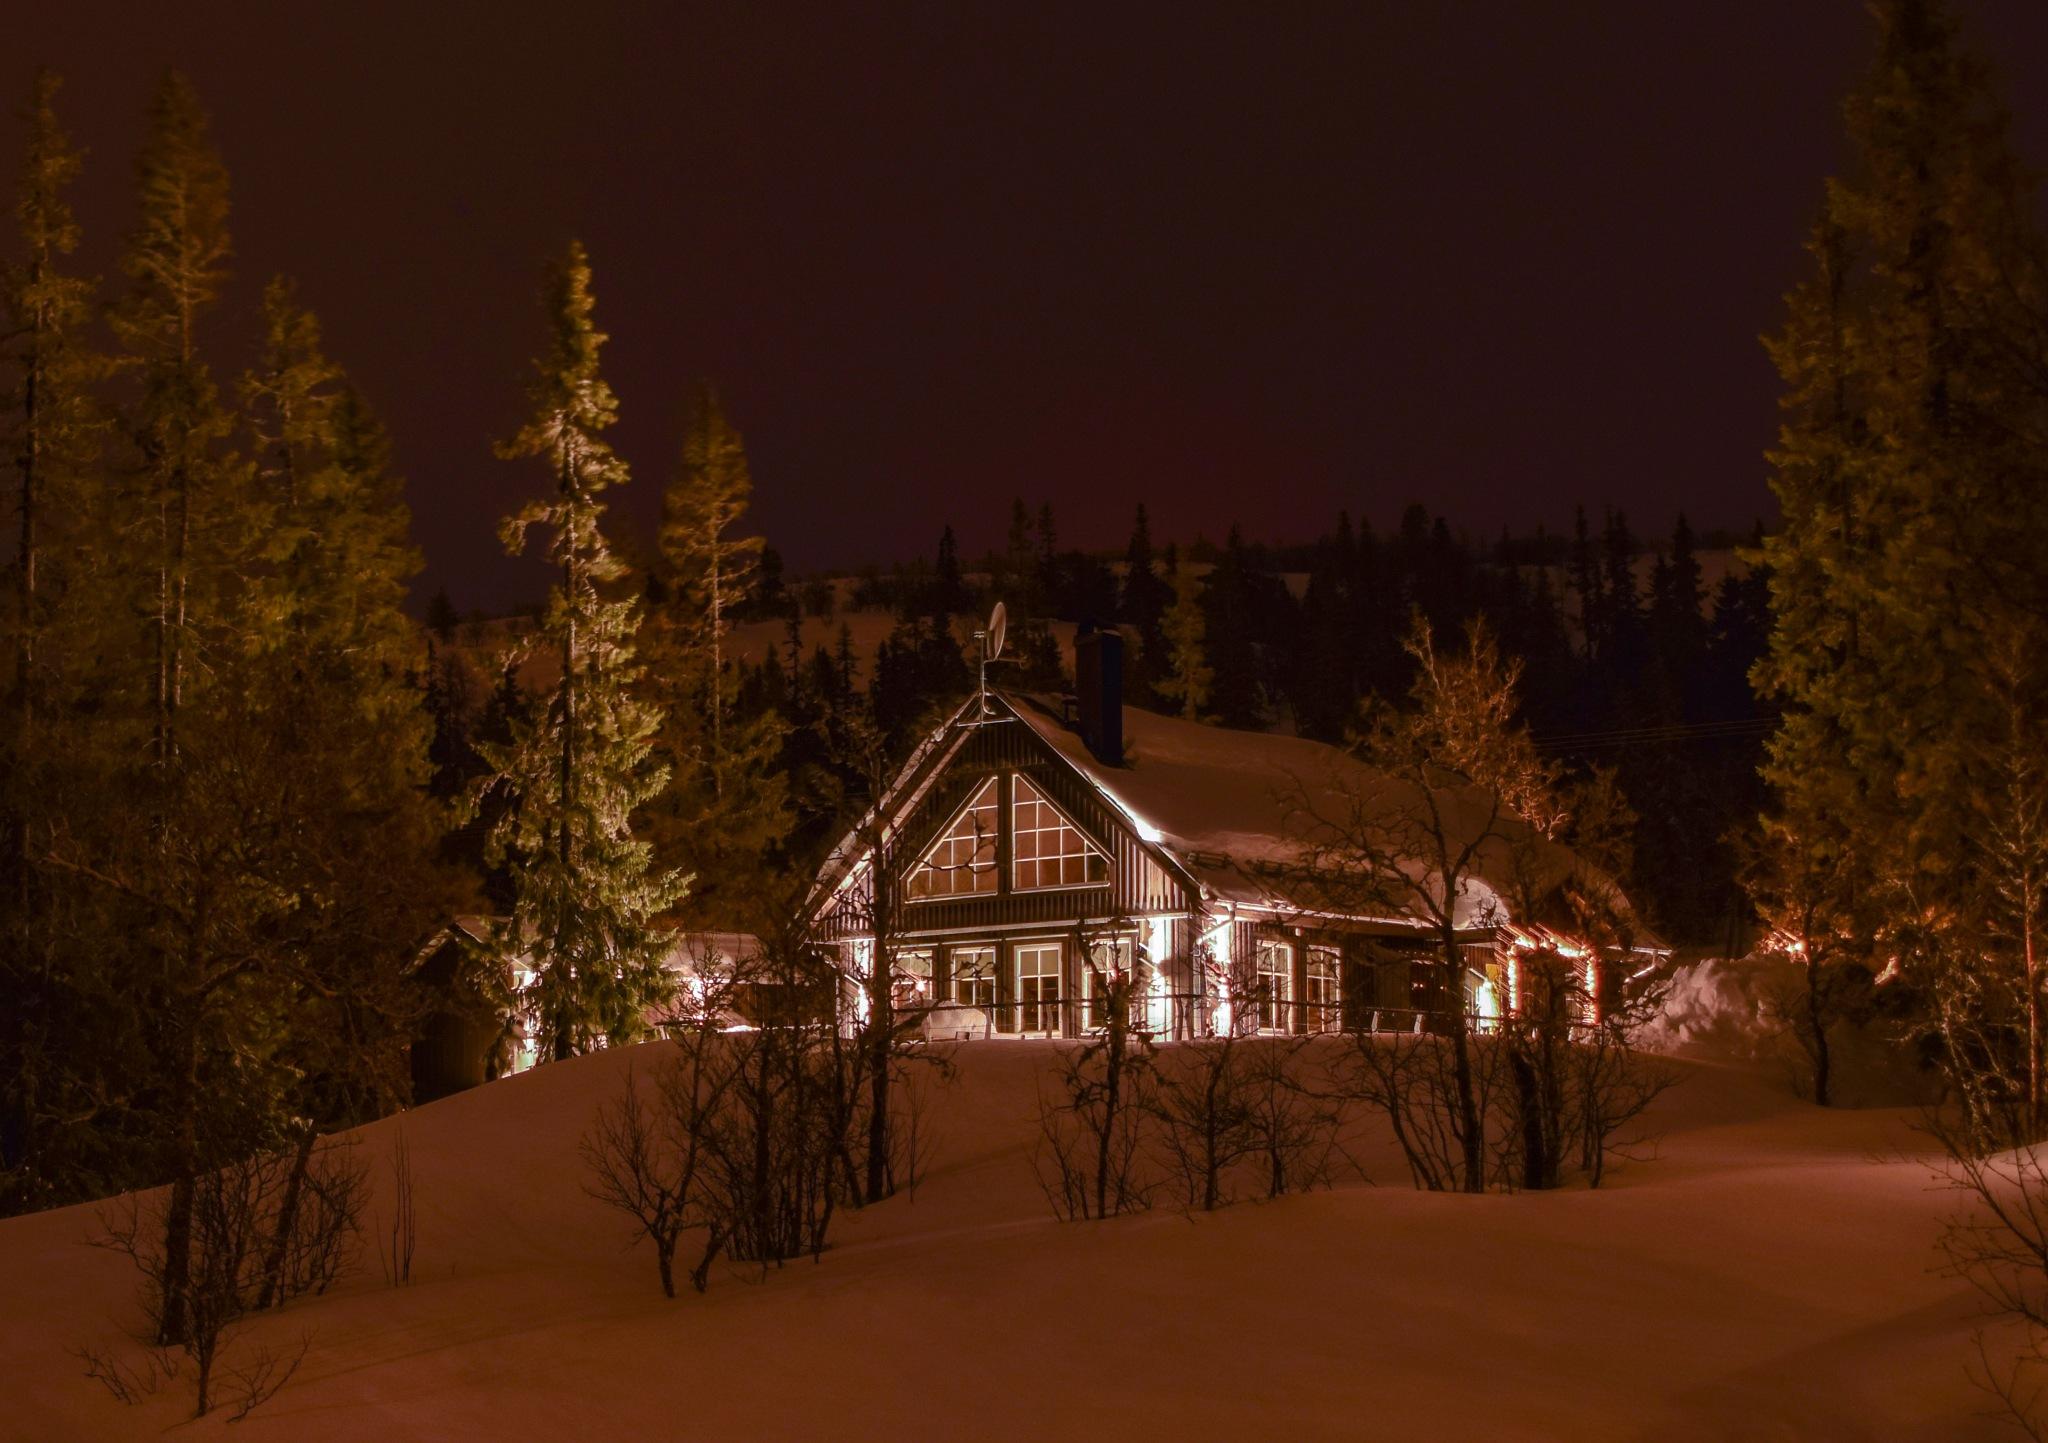 Cabin in winterscape by Pontus Schröder